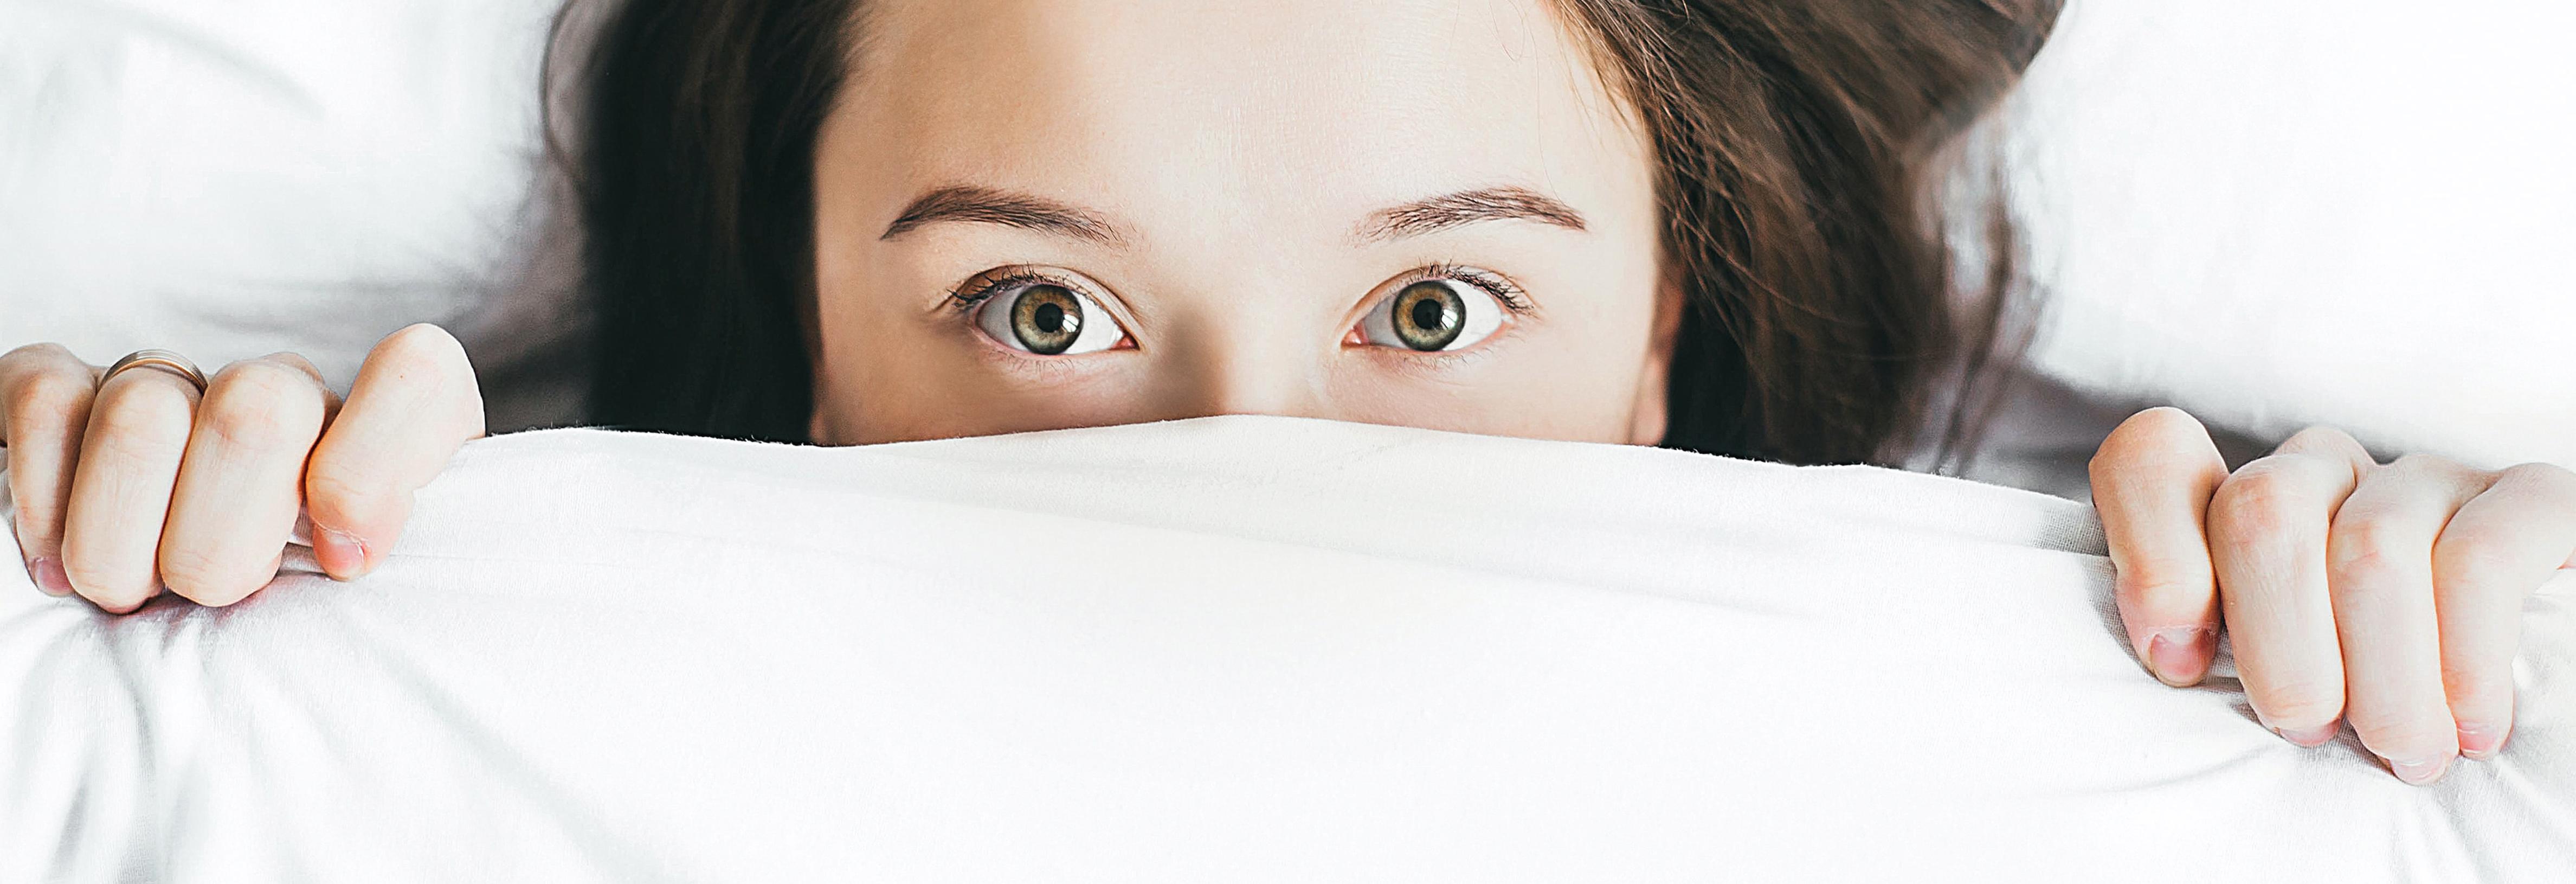 Tratamiento-de-fobias-hipnosis